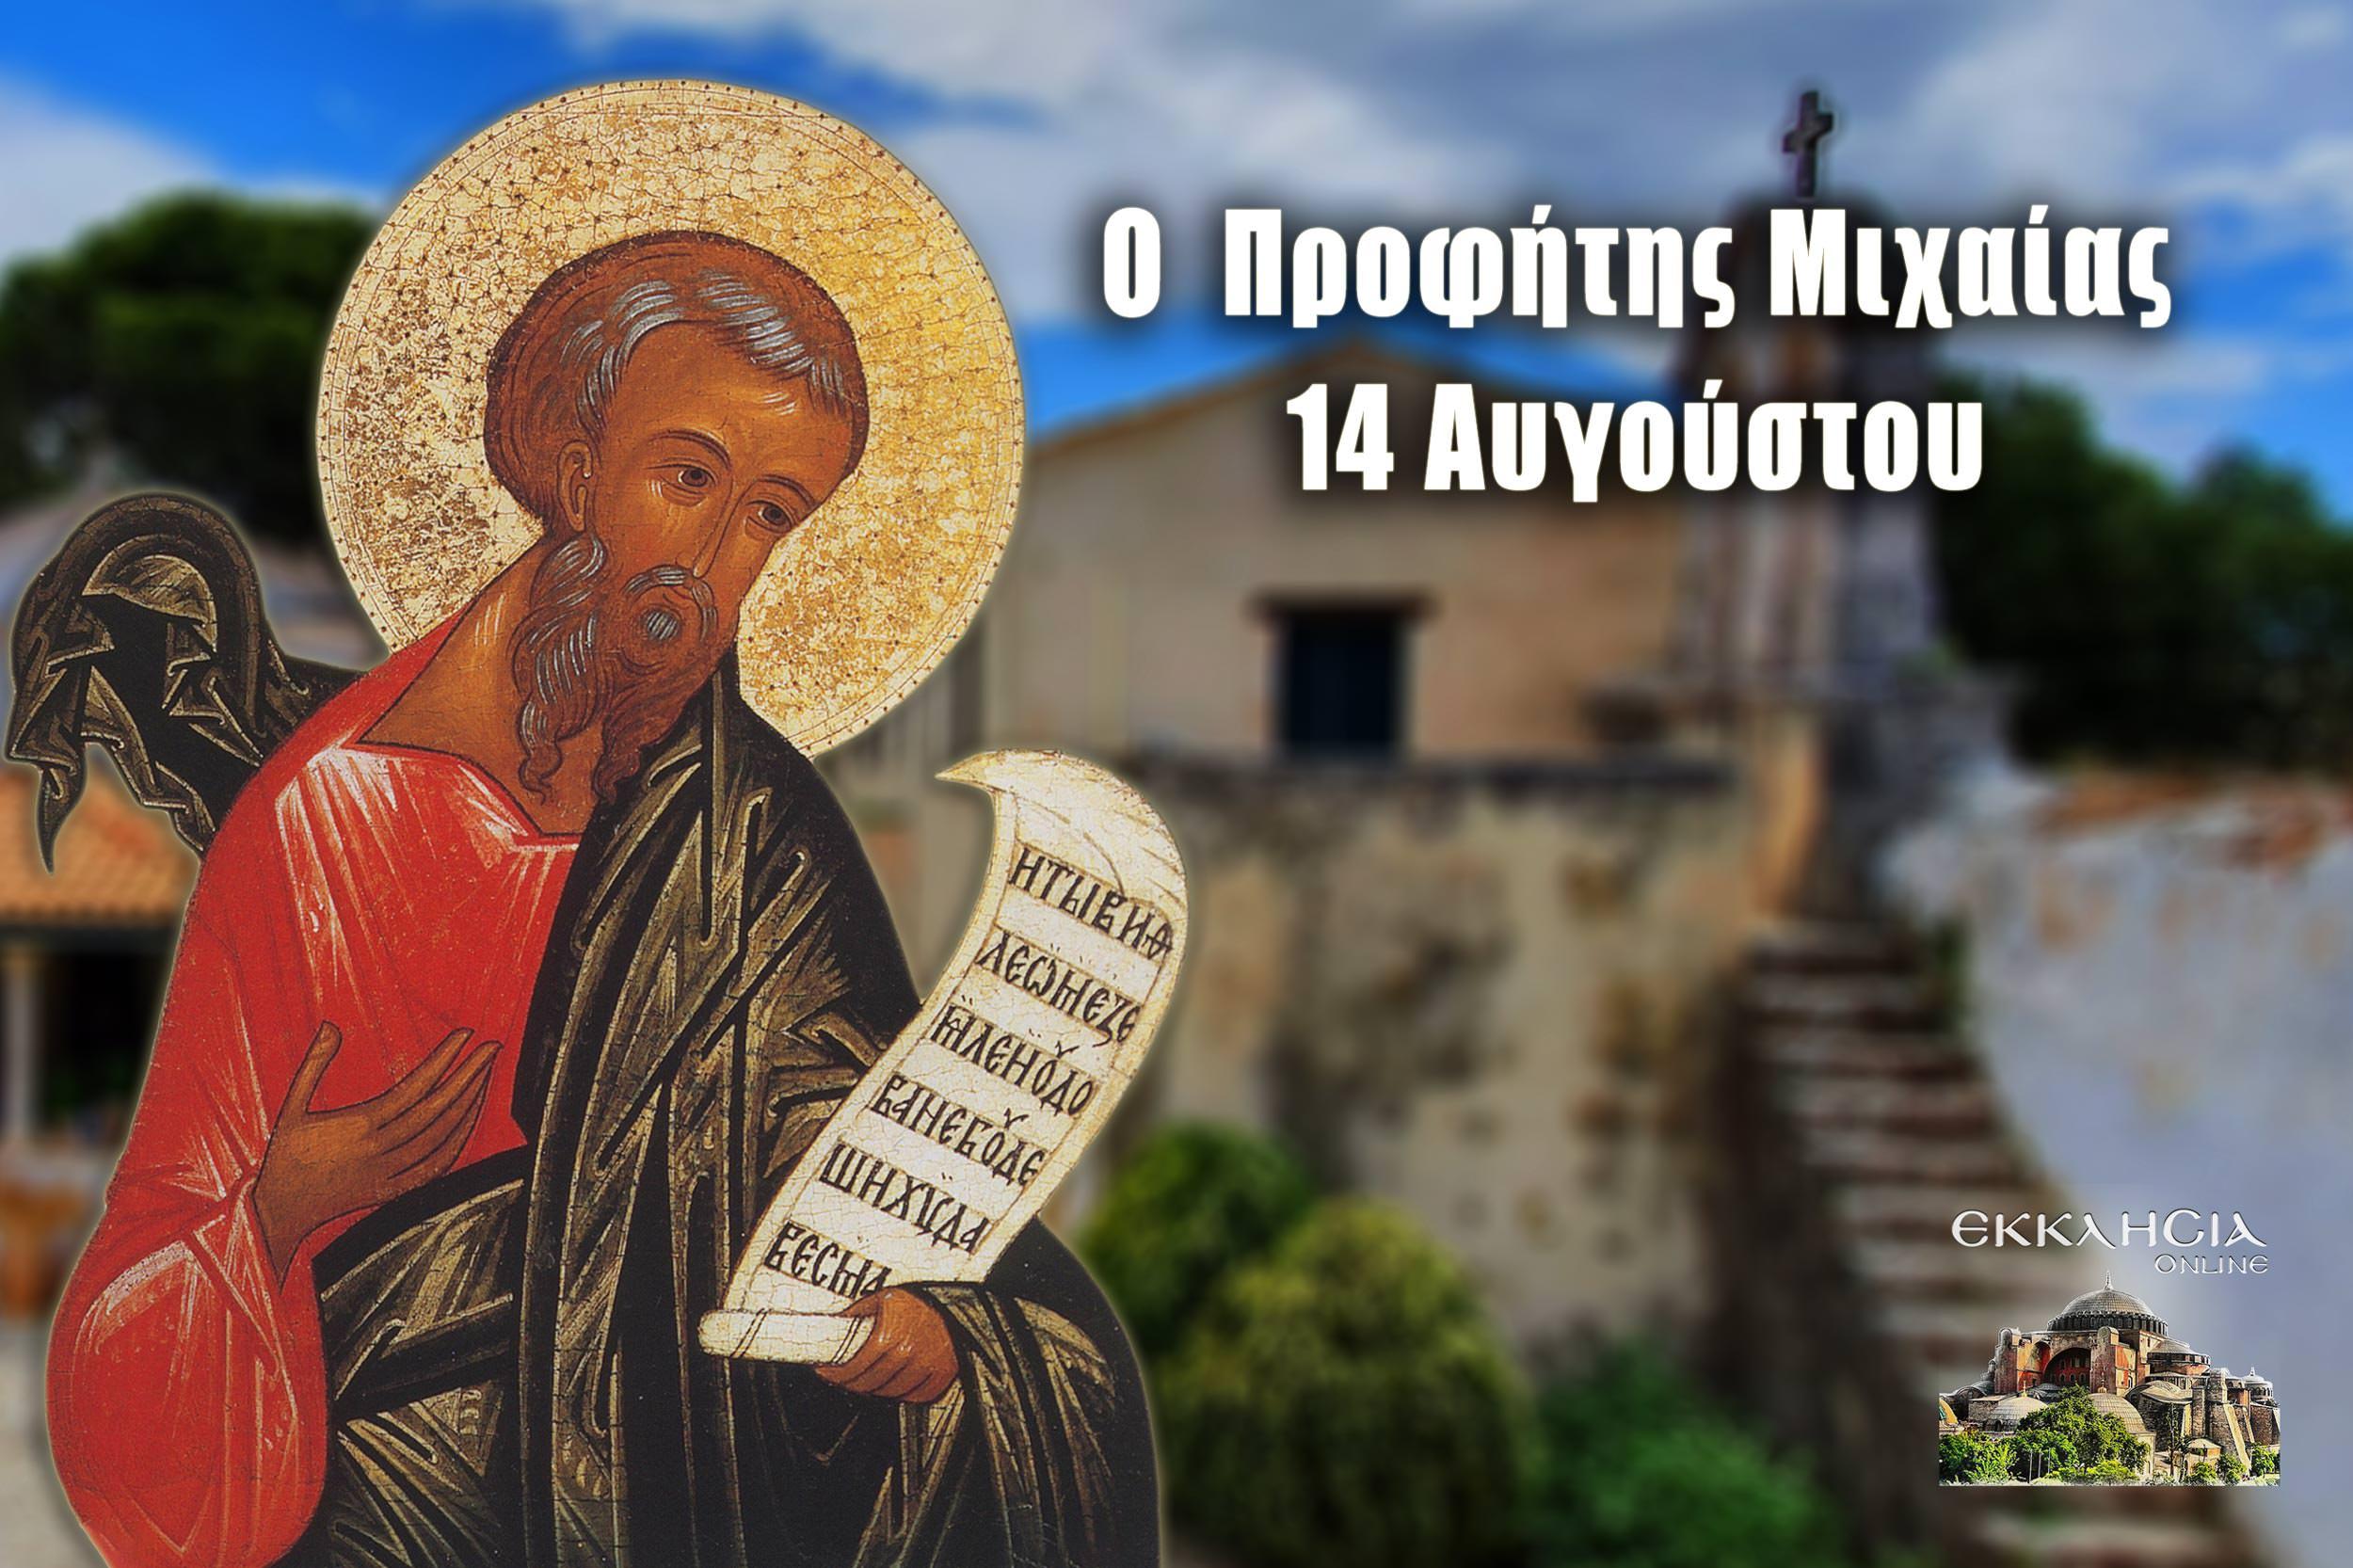 Προφήτης Μιχαίας 14 Αυγούστου